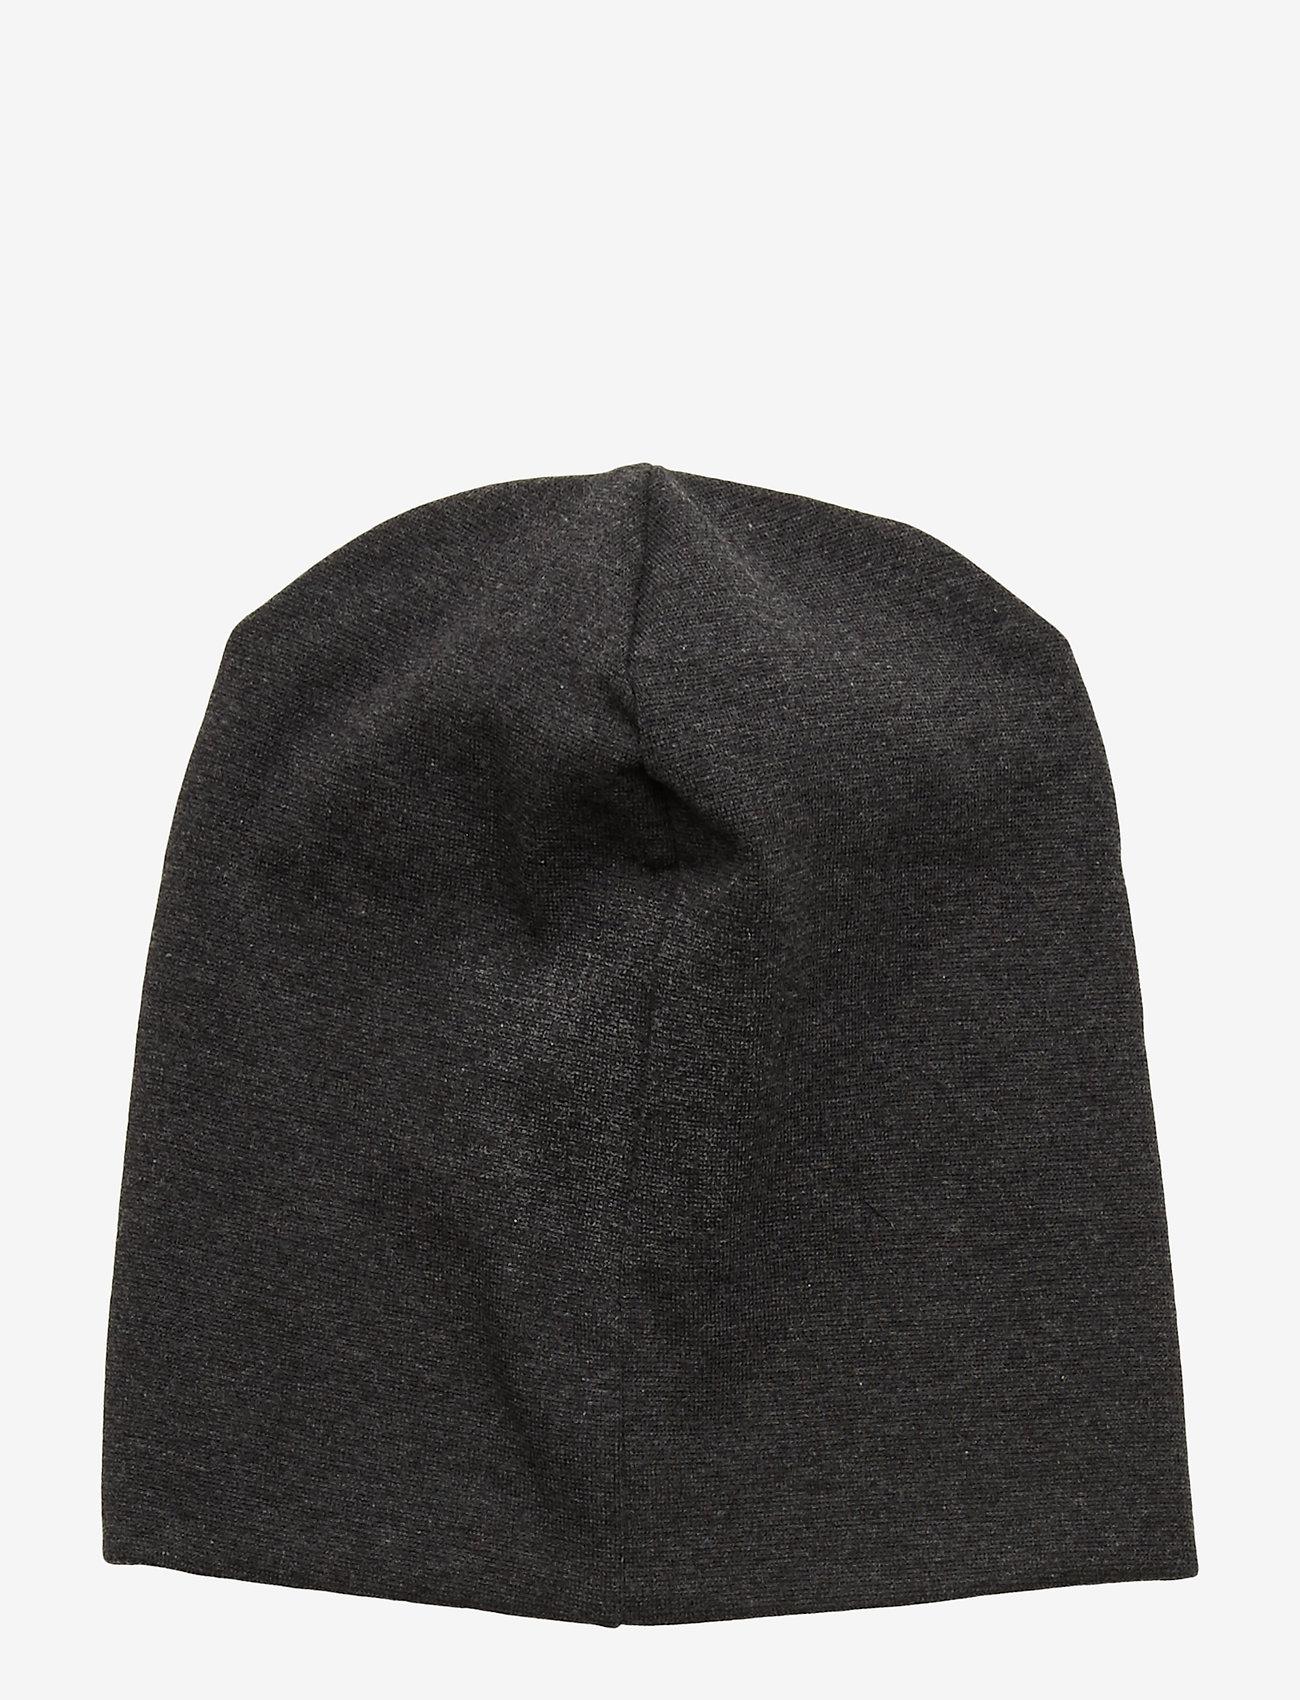 Mikk-Line - Cotton Hat - Solid - huer - dark grey melange - 1